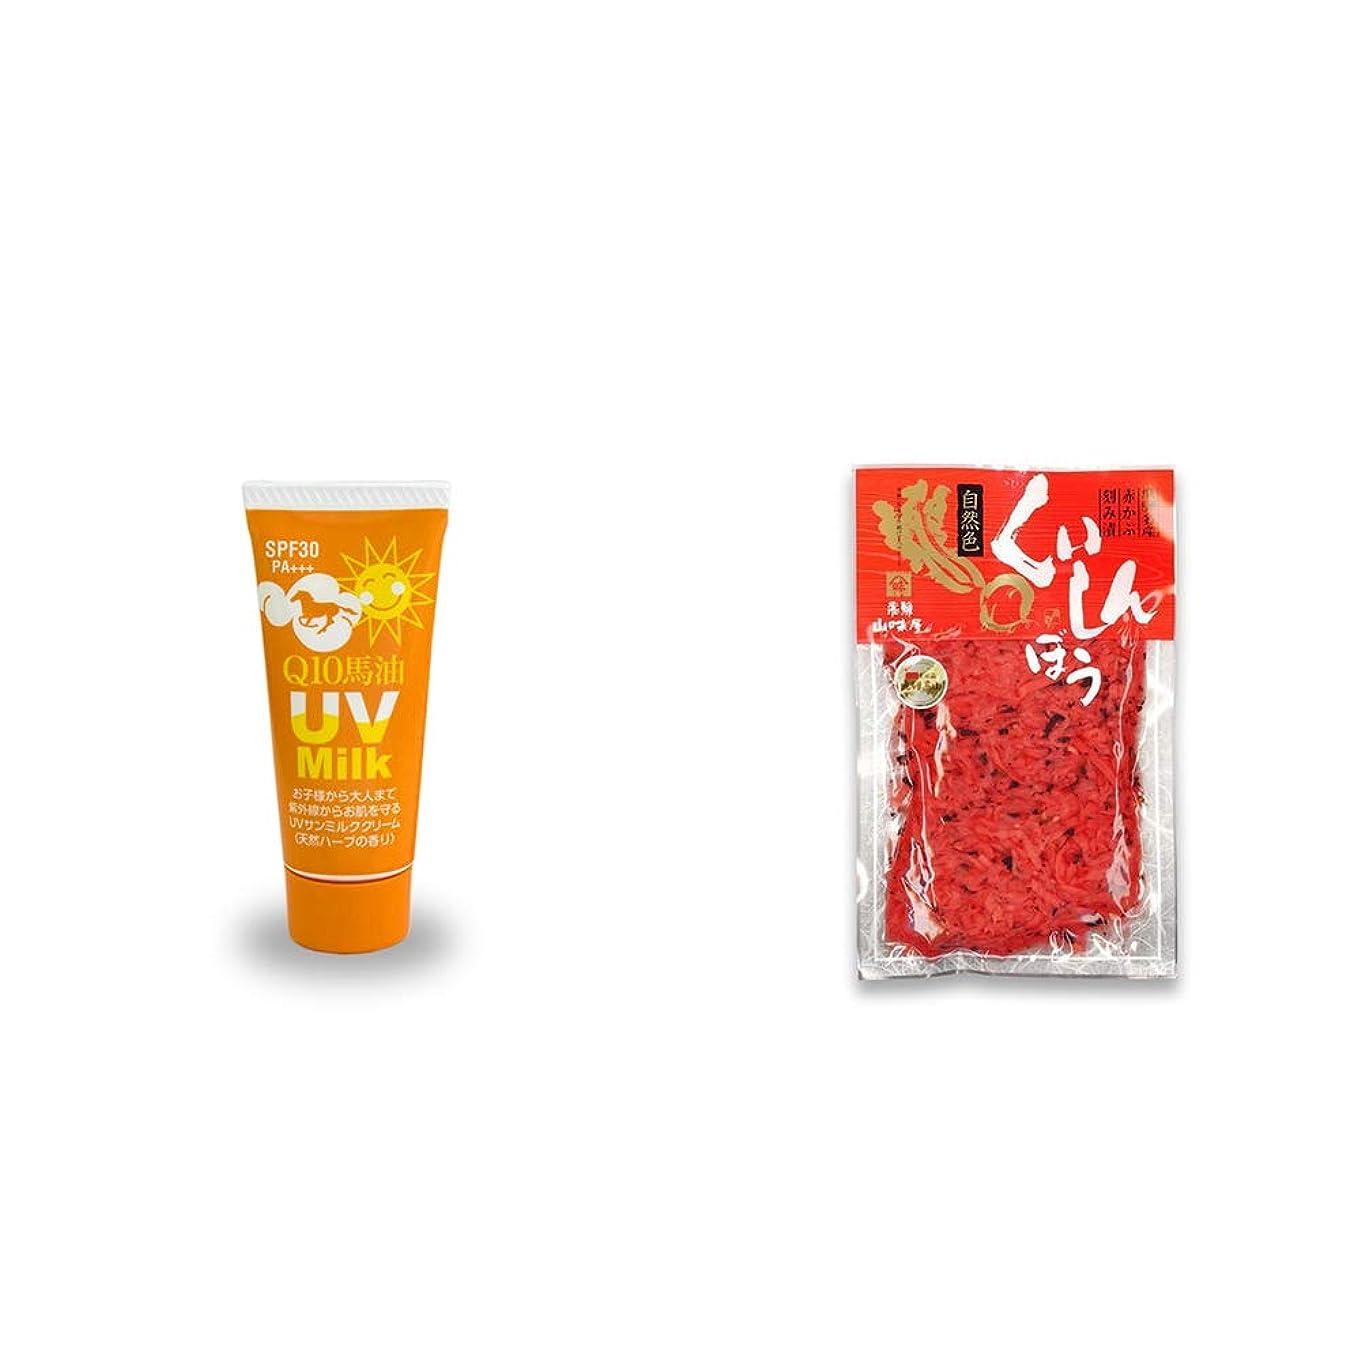 退化する対抗イサカ[2点セット] 炭黒泉 Q10馬油 UVサンミルク[天然ハーブ](40g)?飛騨山味屋 くいしんぼう【小】 (160g)